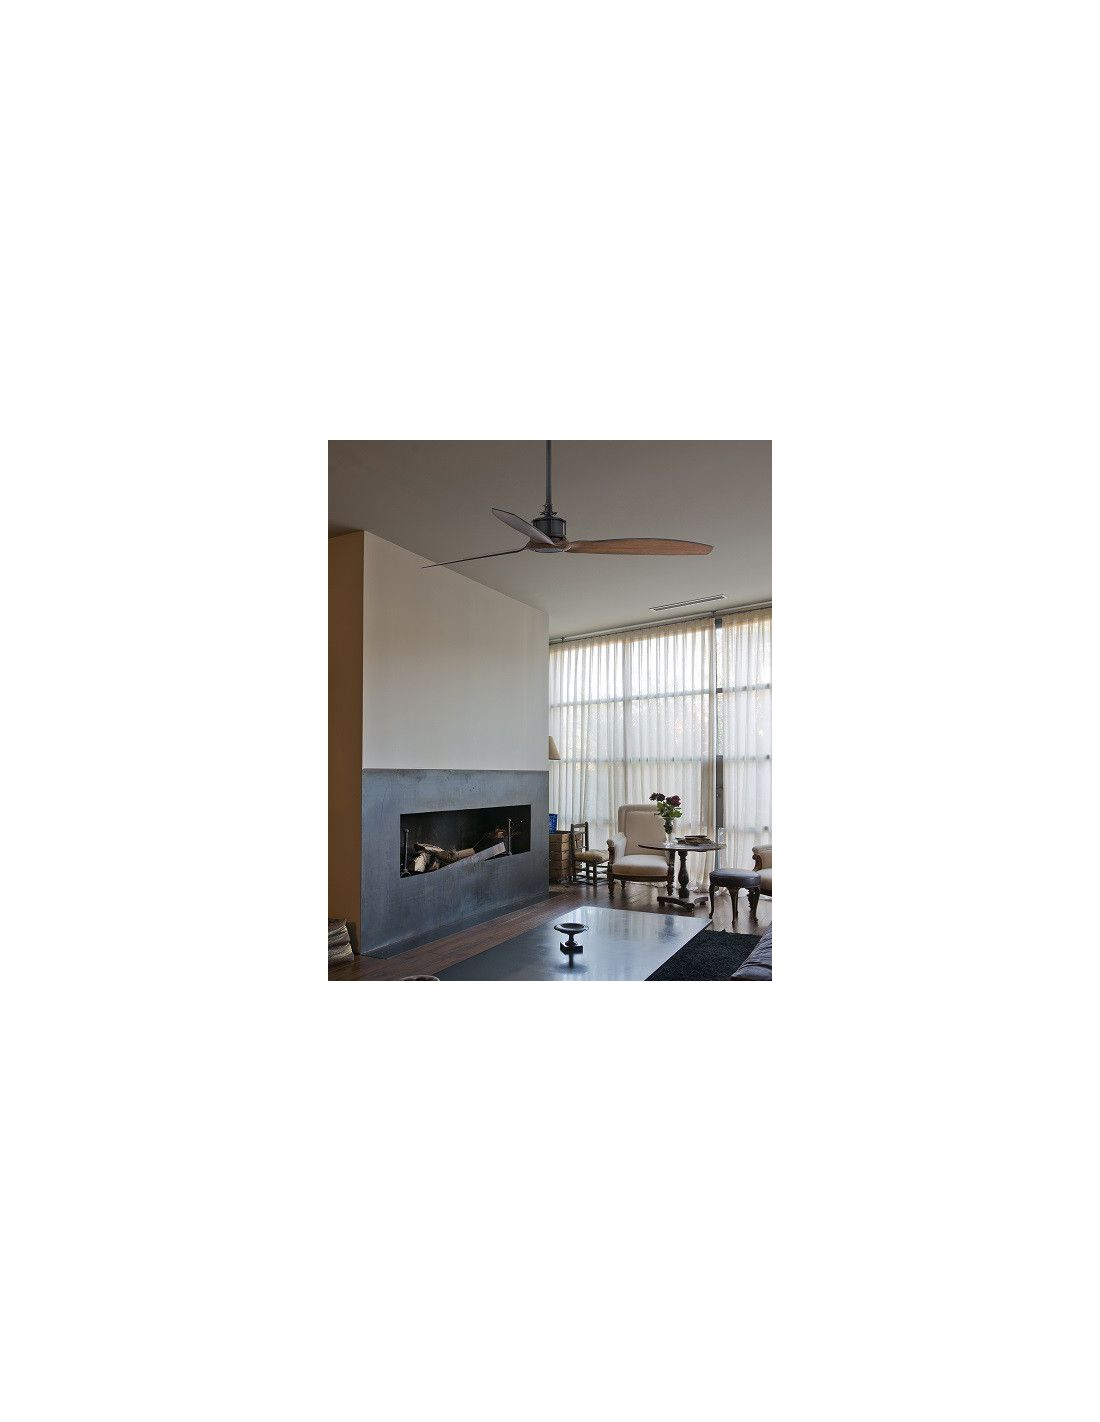 Ventilador just fan de techo sin luz env o r pido y seguro - Luz de techo ...